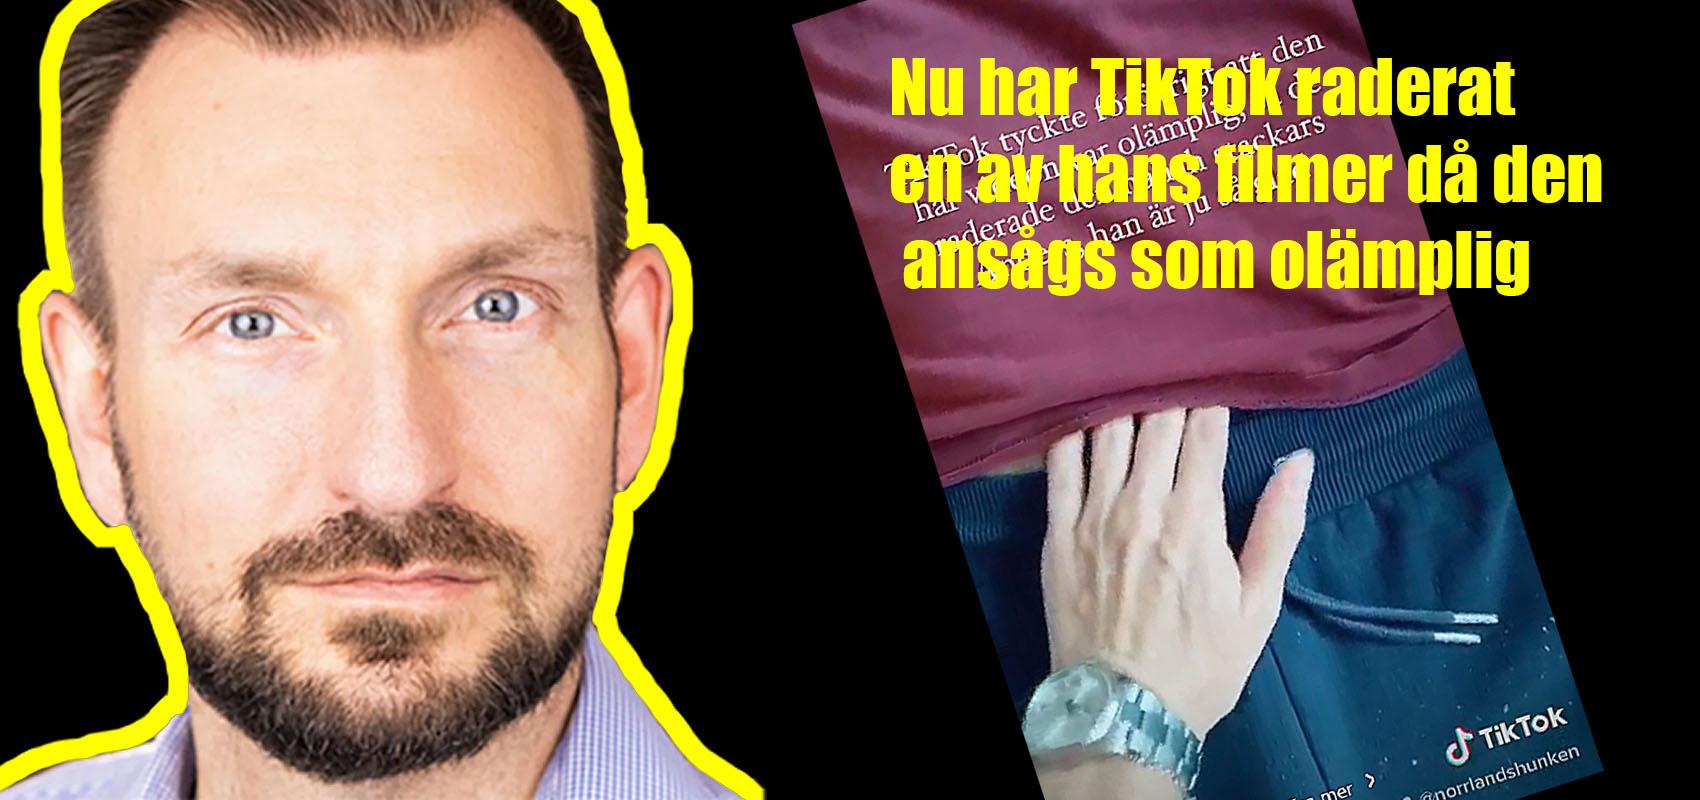 Therese Lindgrens pojkväns video raderad på TikTok